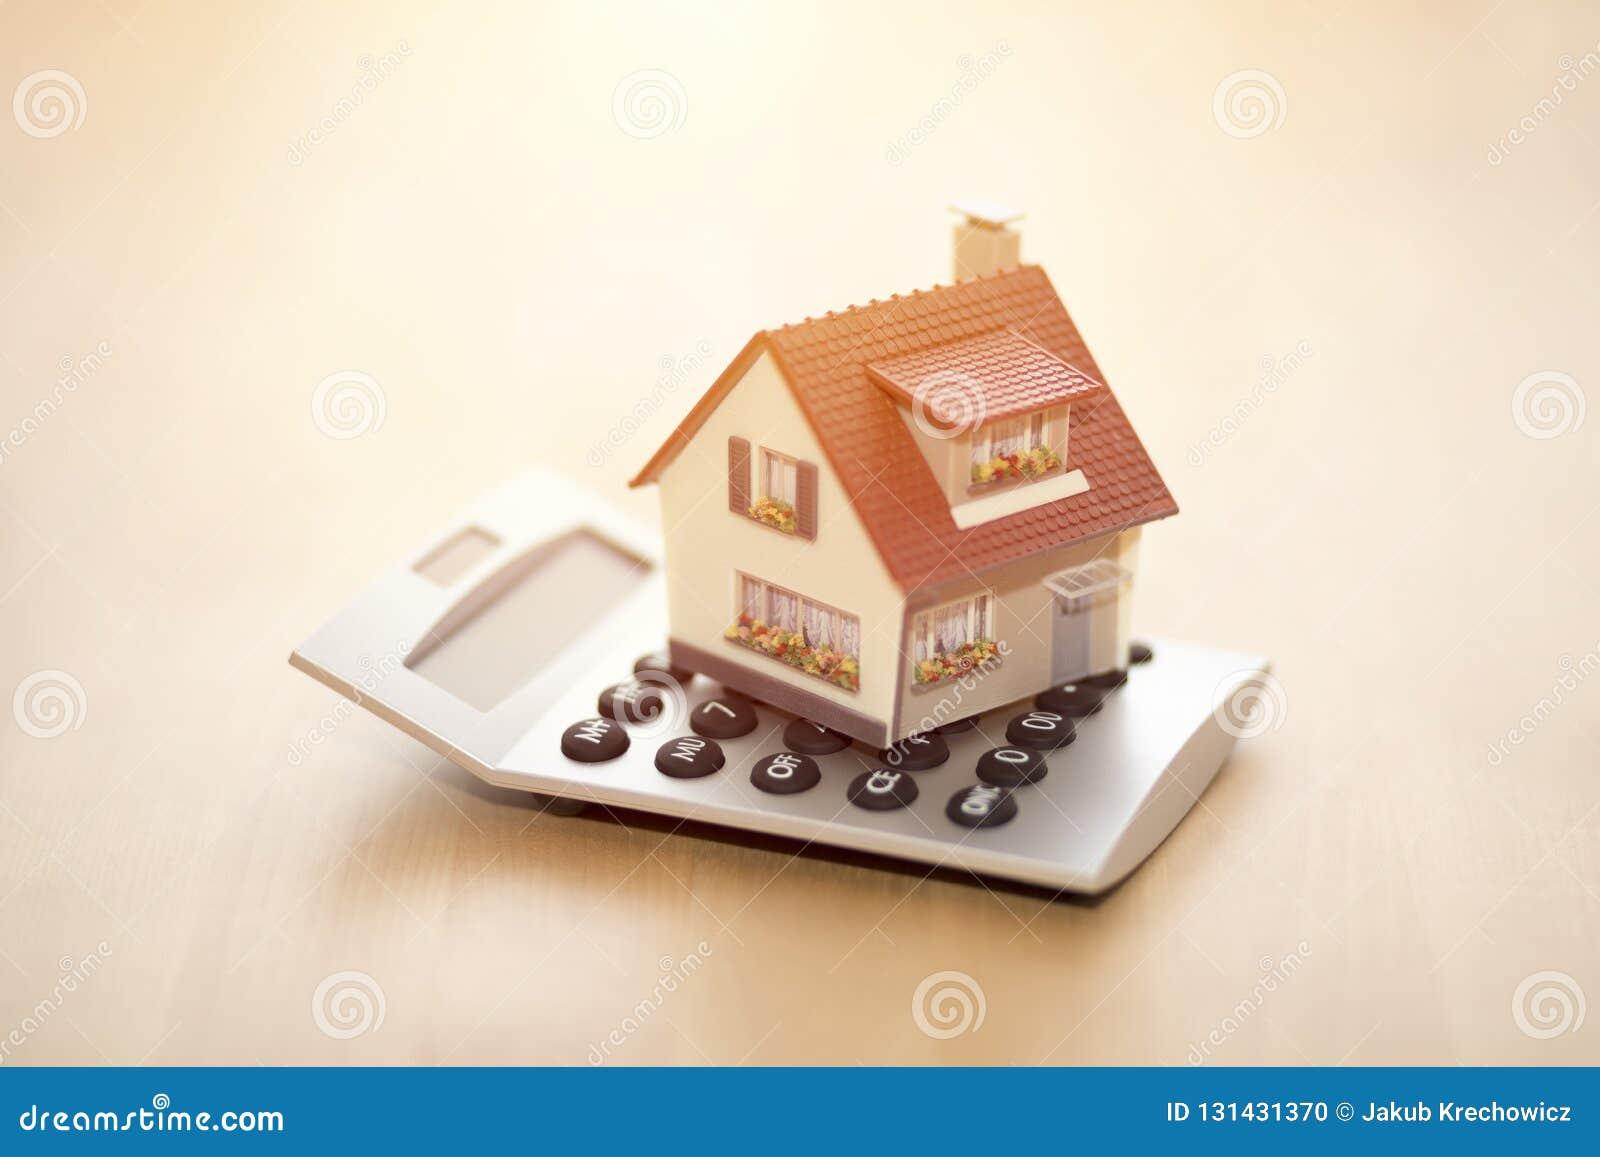 Huisminiatuur op calculator